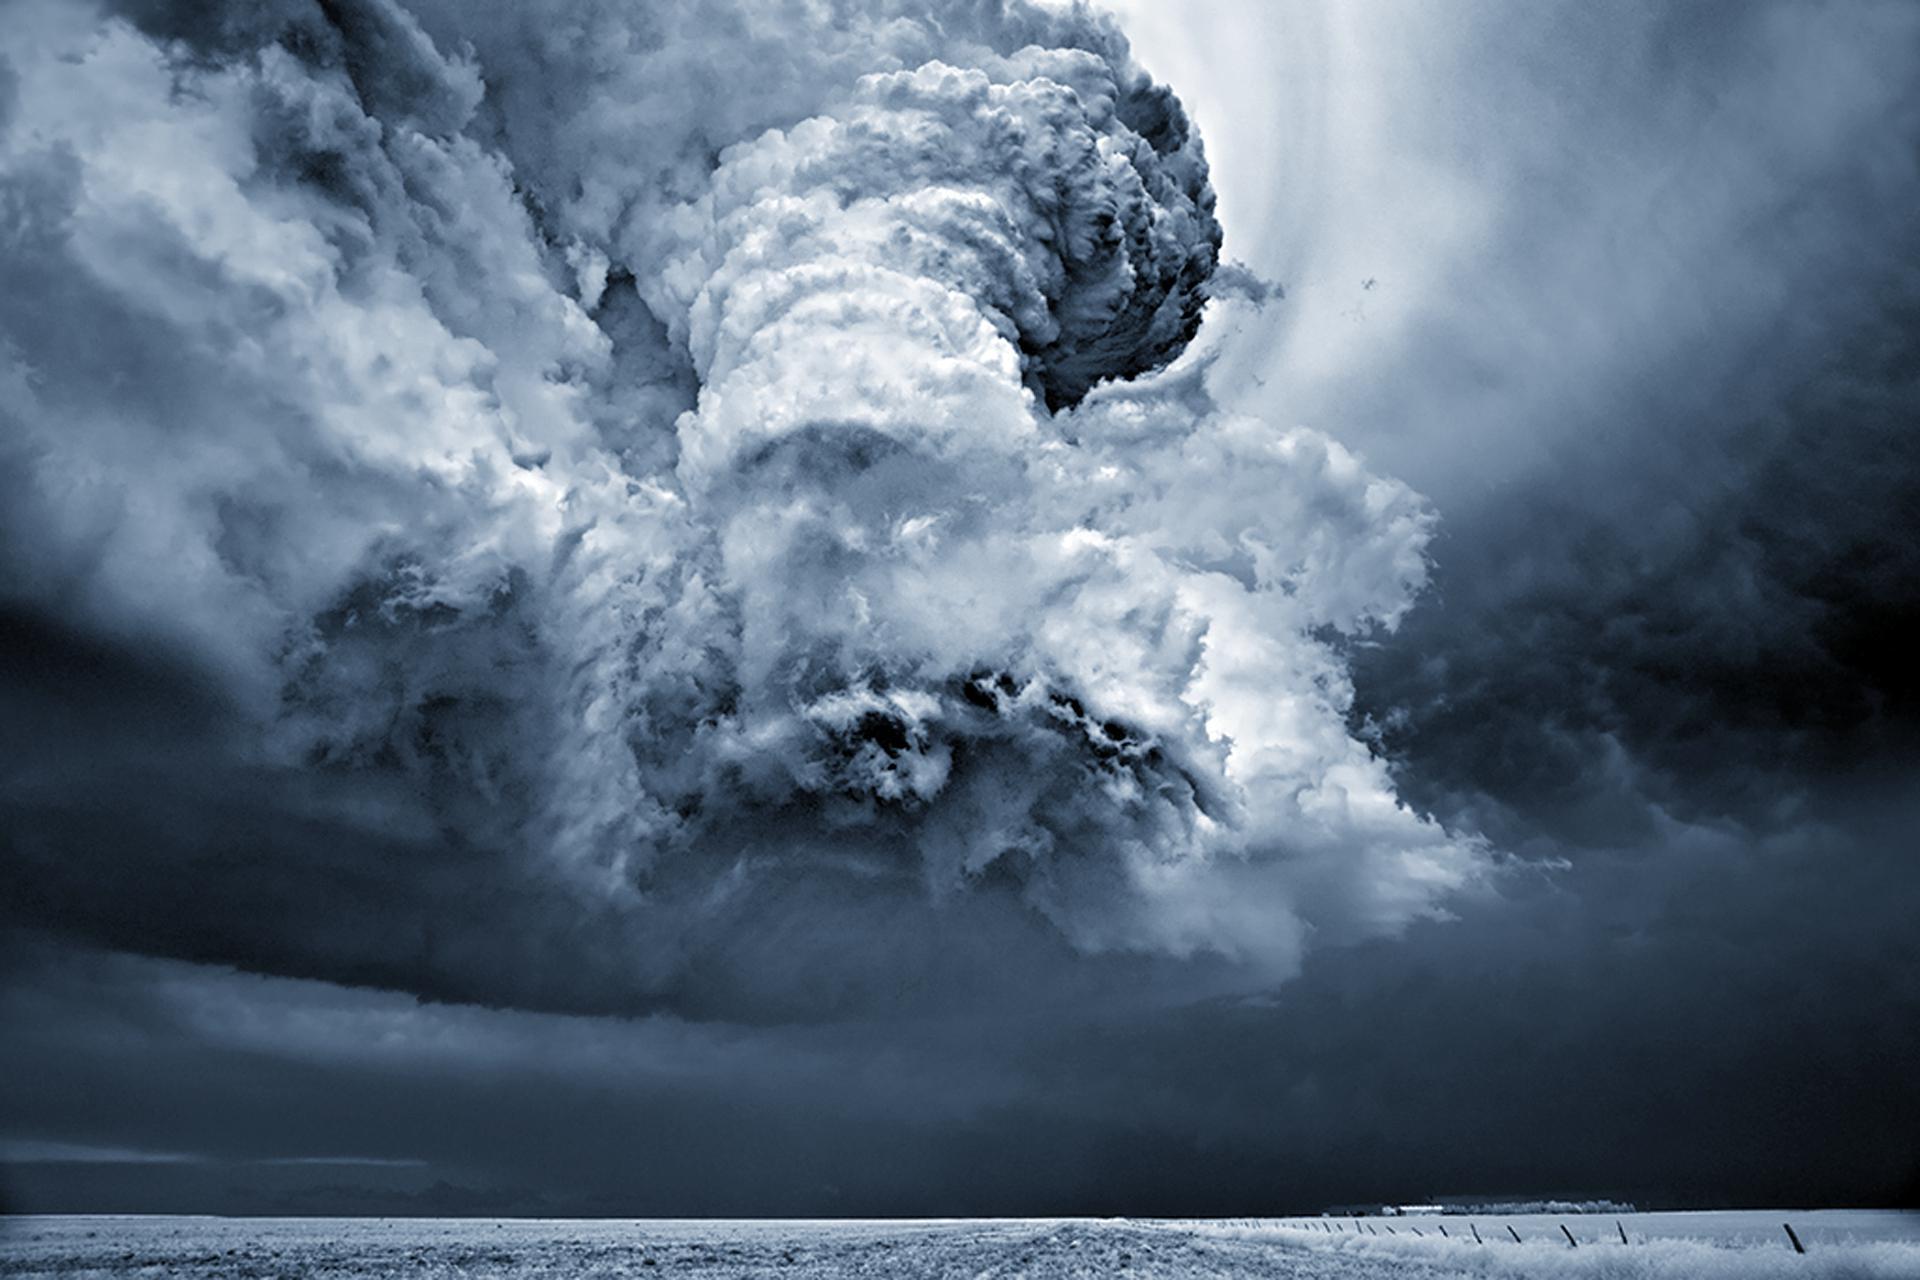 Tornado Wallpaper 25 Black And White Storm 1920x1280 Wallpaper Teahub Io